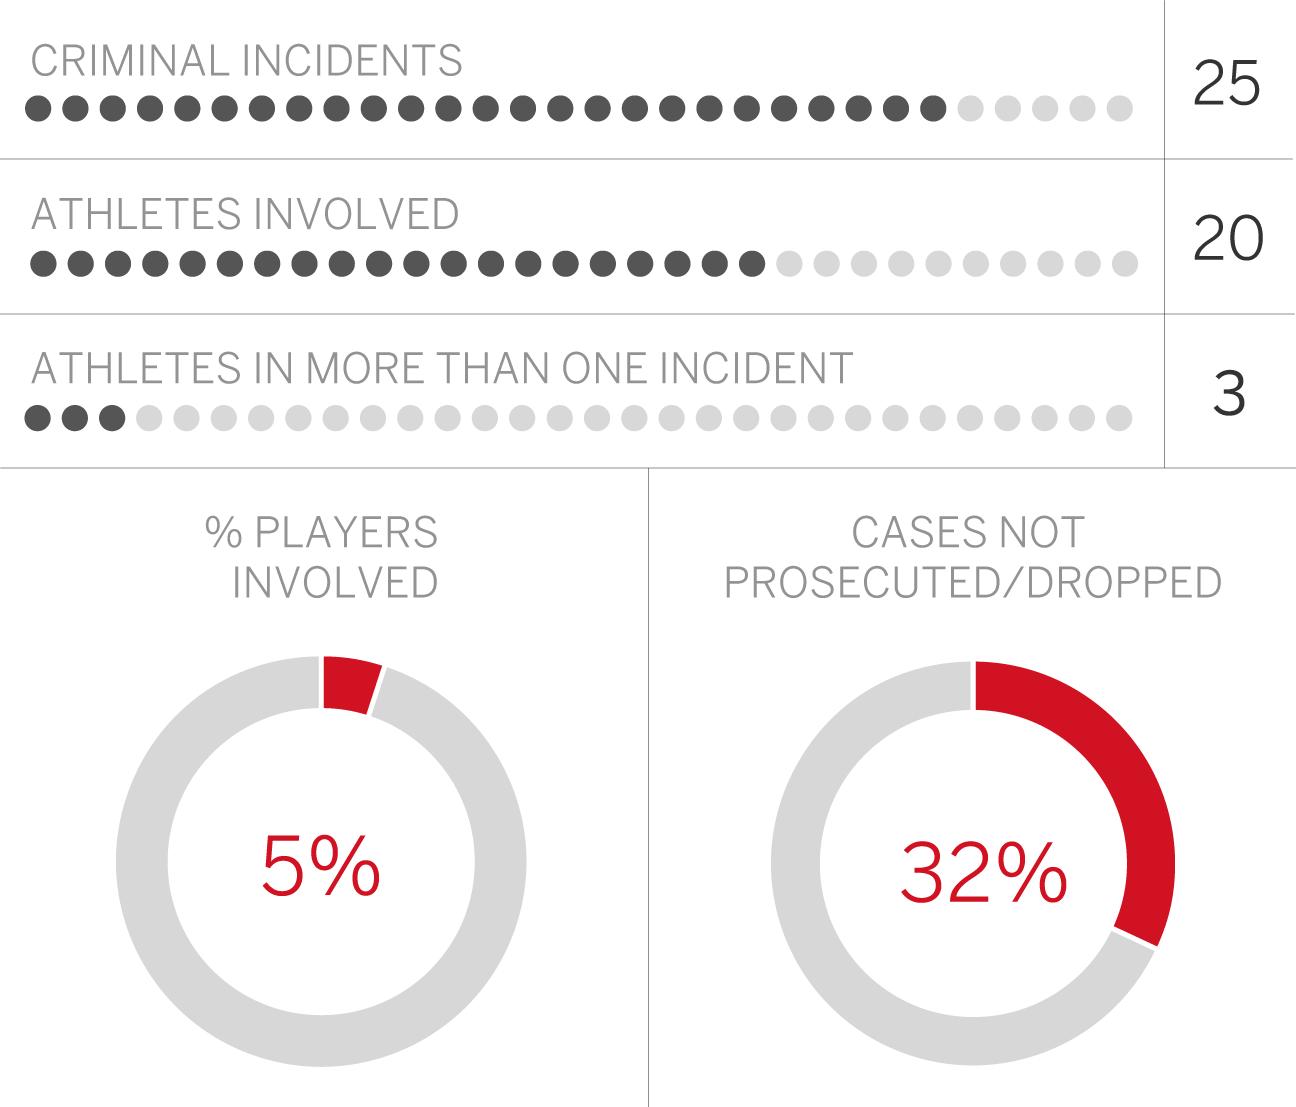 Auburn Tigers' records make athlete-crime comparison